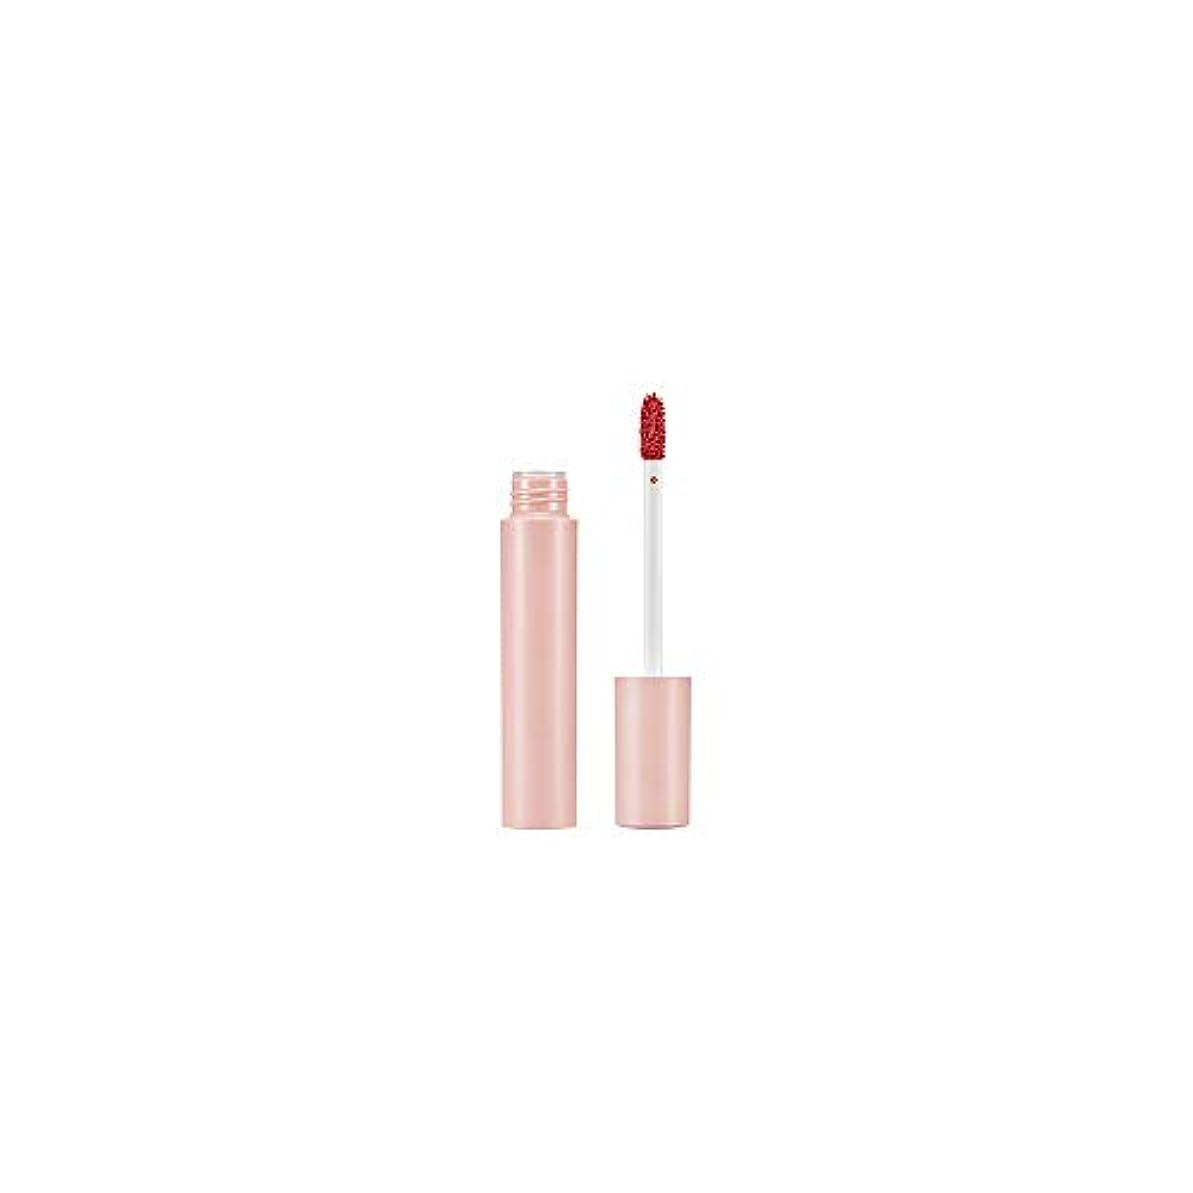 プログラムチューリップ最適[ARITAUM/アリタウム] Color Live Tint/カラーライブティント 12カラー / 3.5g リップティント ティント 口紅 リップ リップメイク 韓国コスメ JUHASBNH (#19)